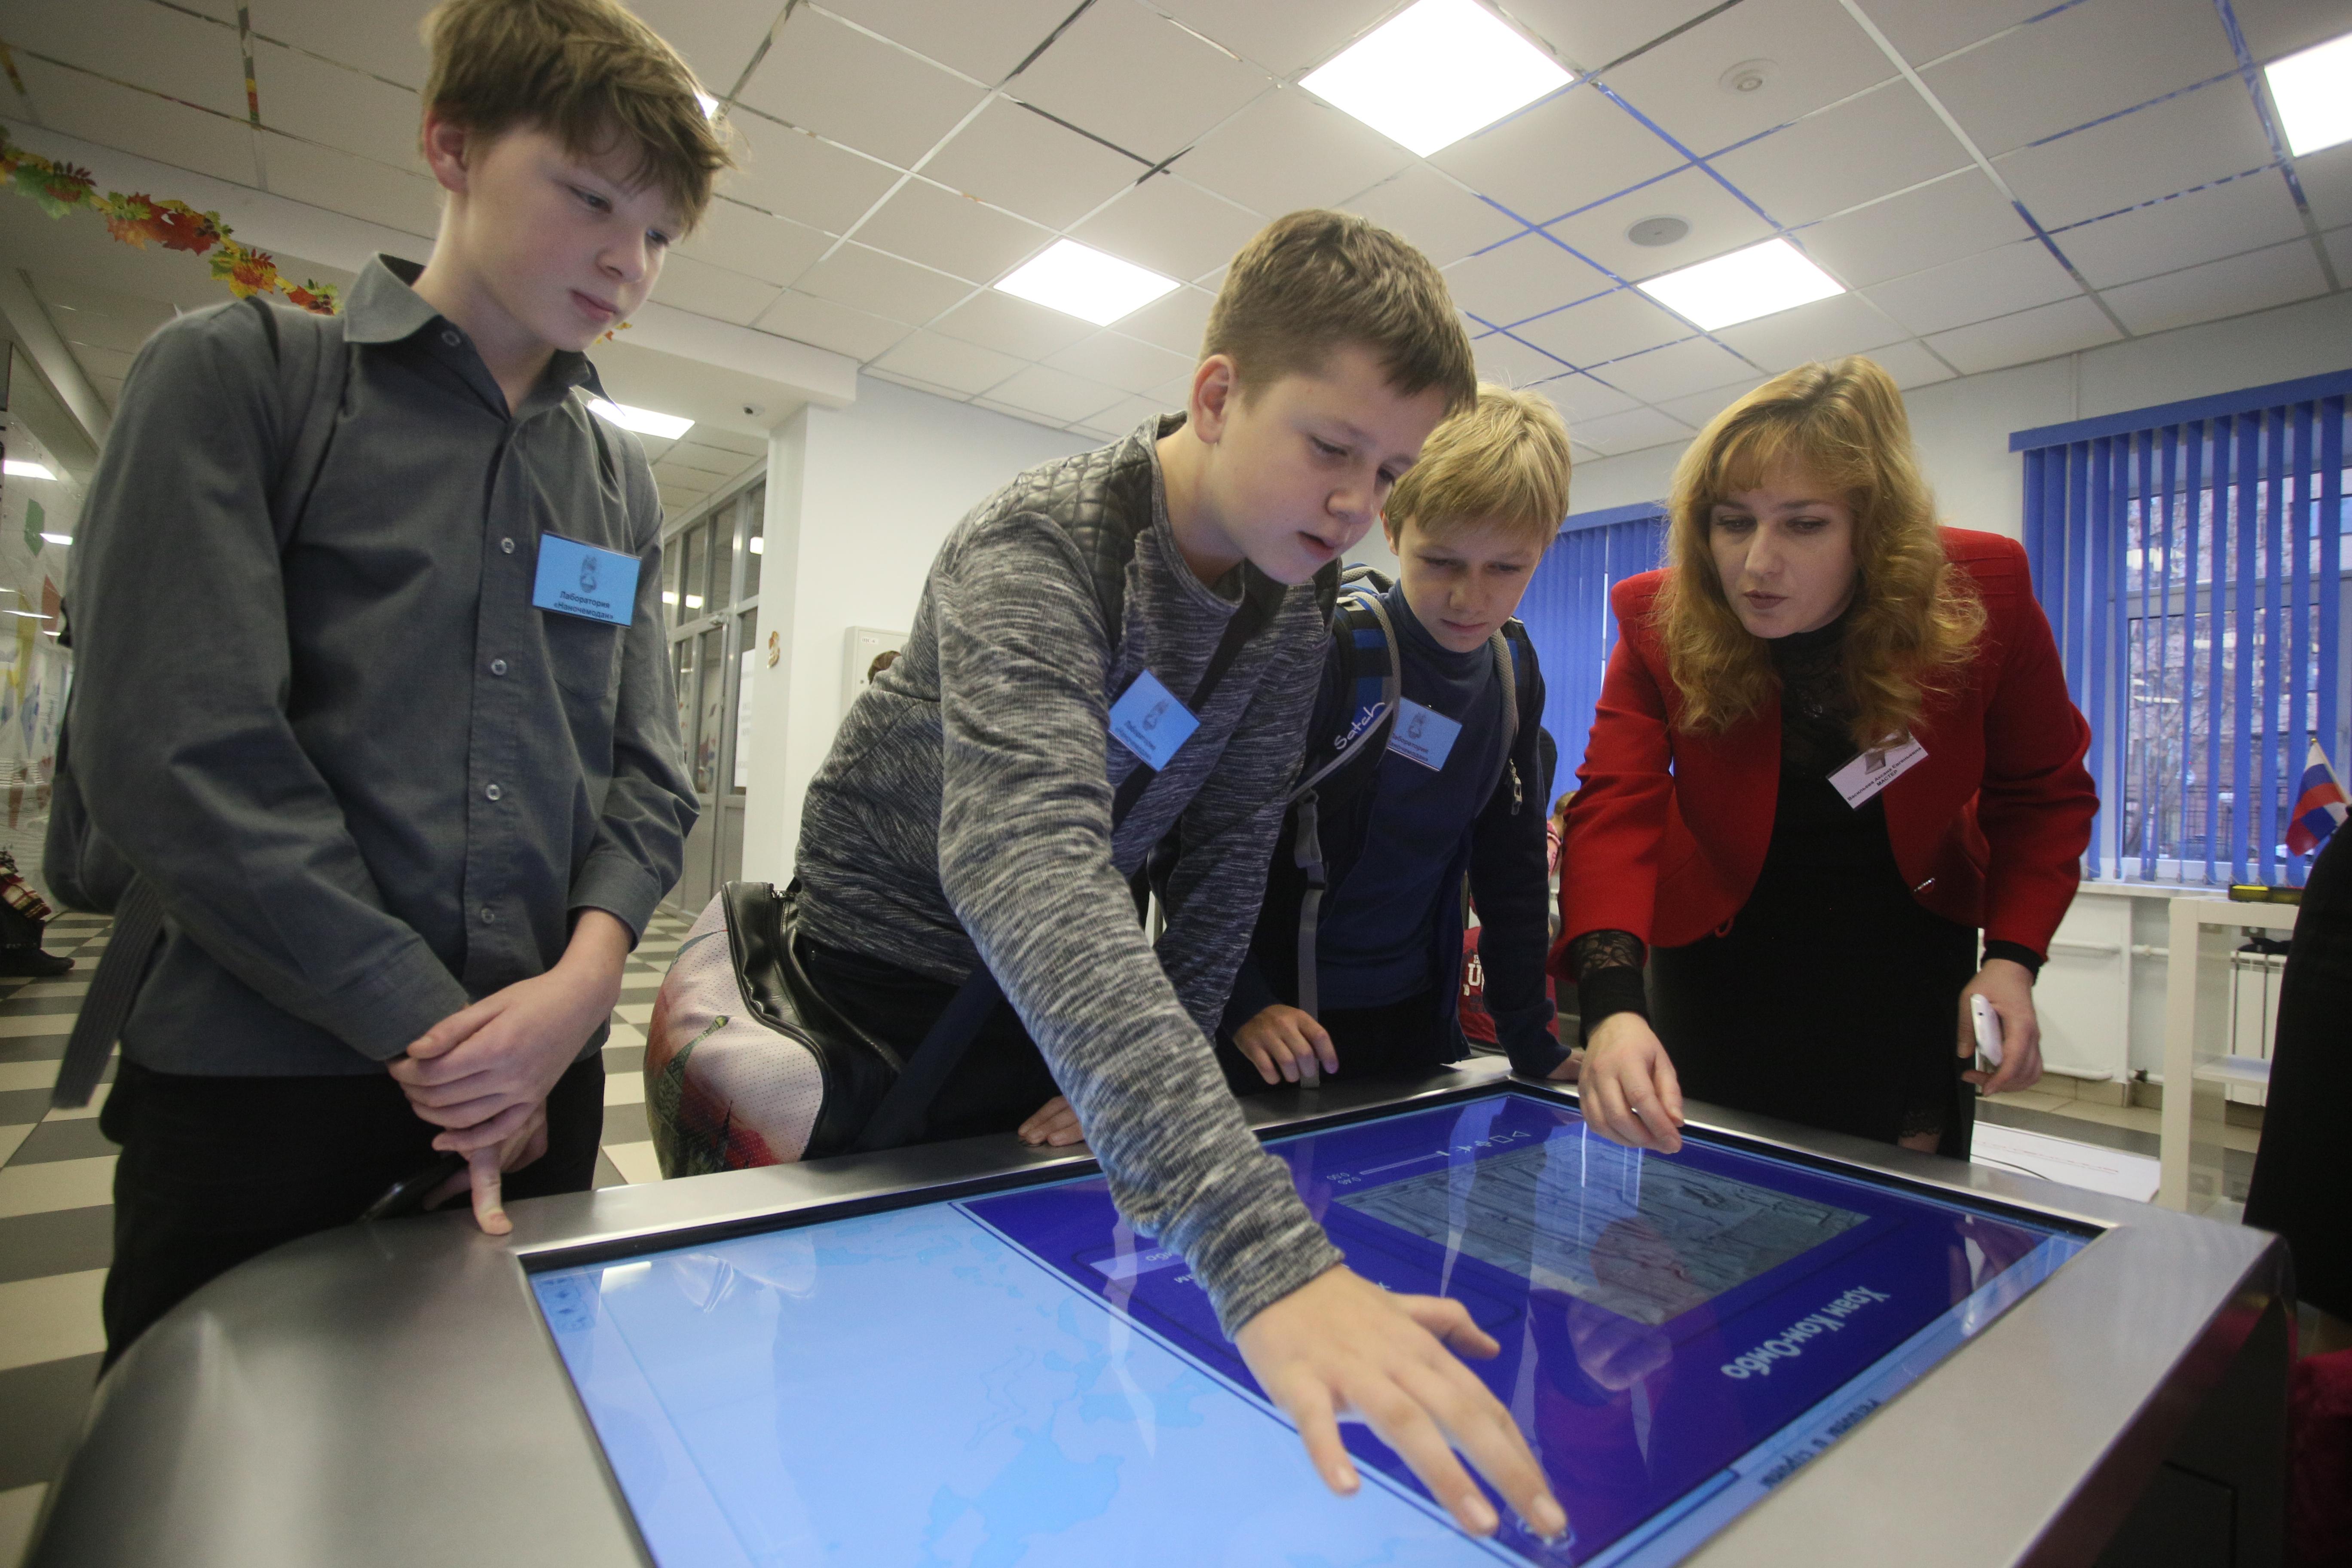 Учителя в Москве 21 октября провели почти 150 тысяч уроков в МЭШ